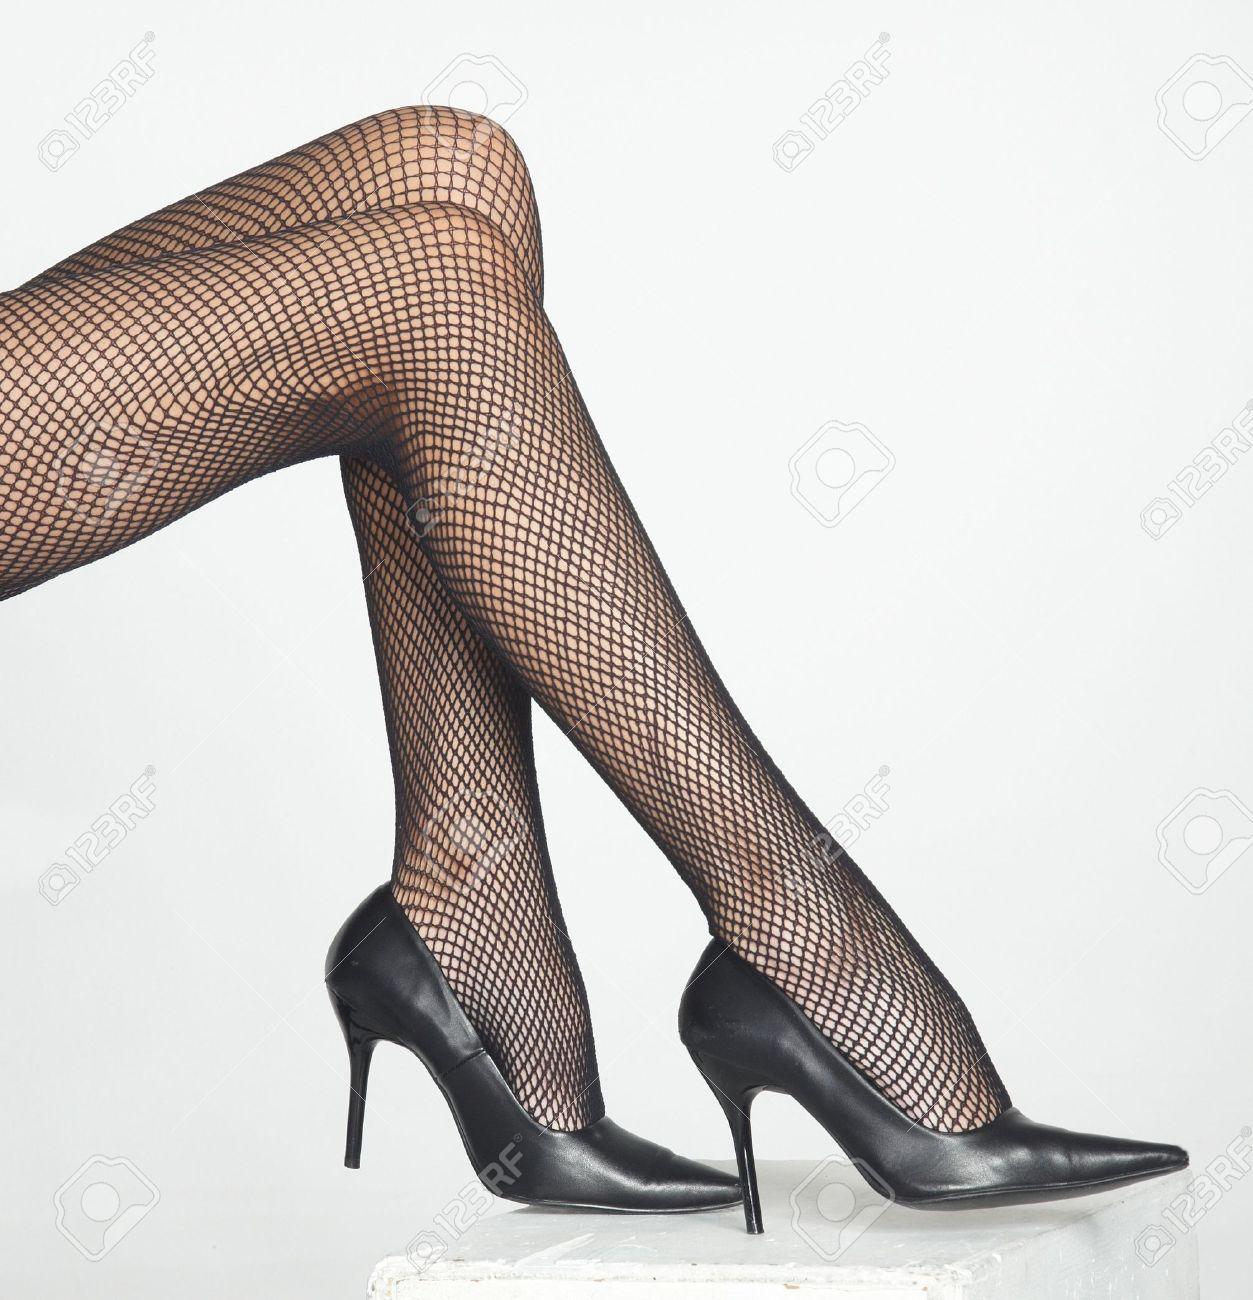 Women wearing fishnet pantyhose